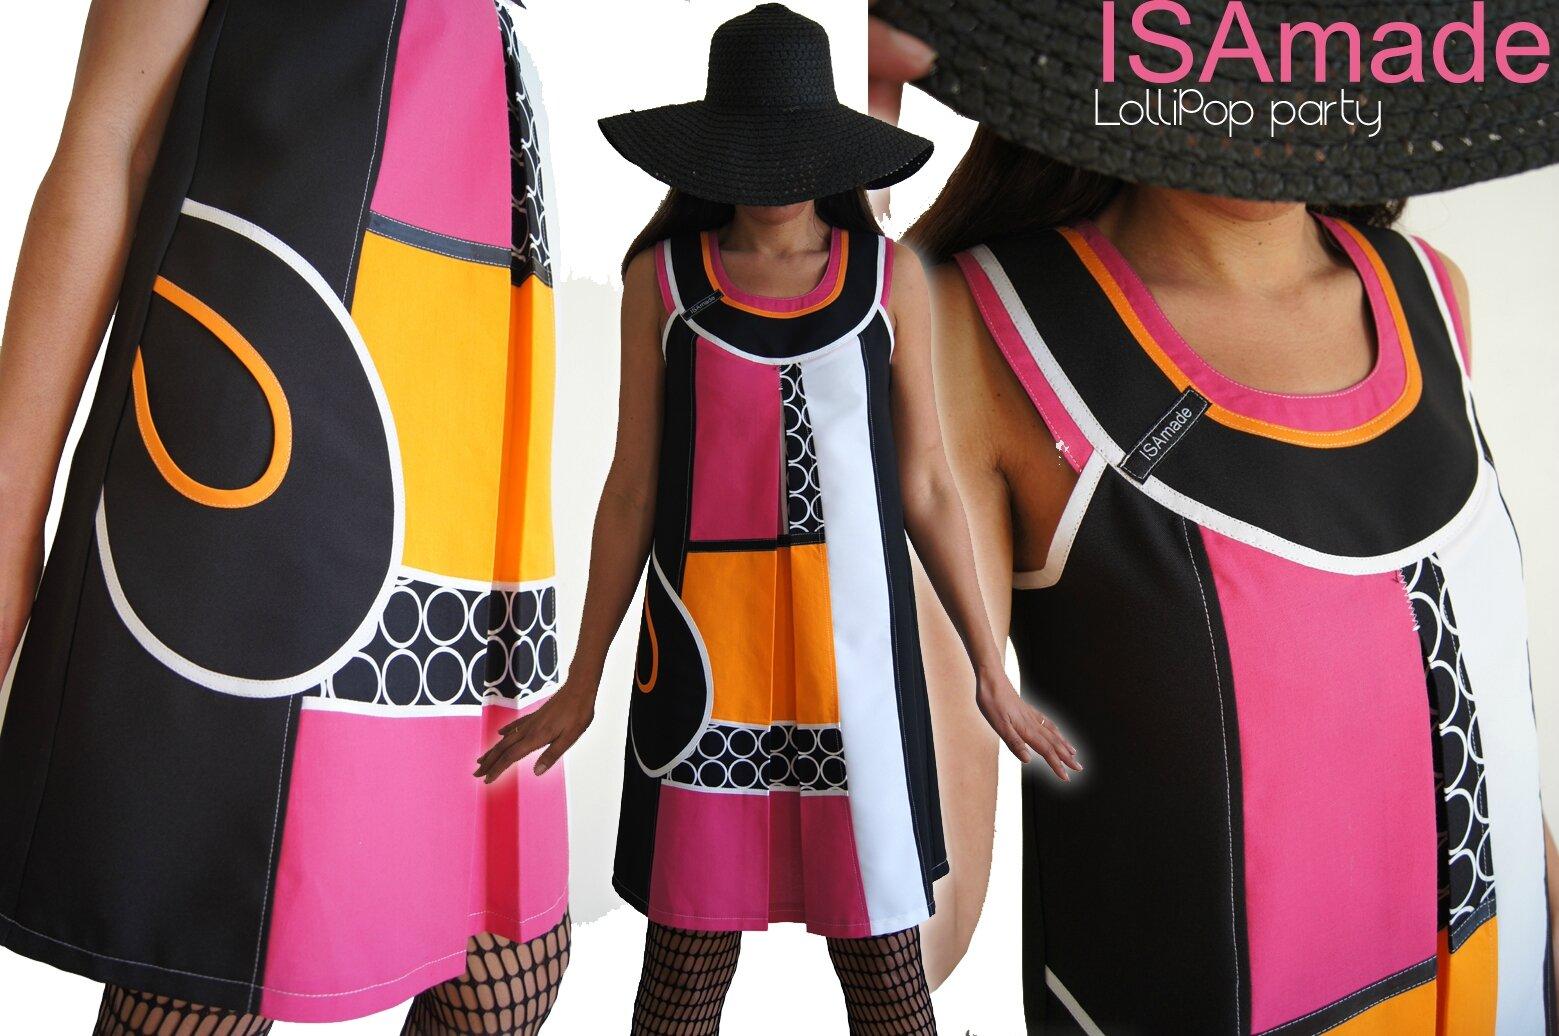 Robe trapèze Chasuble Asymétrique Noire & Blanche et couleurs acidulées Graphique Couture tendance Printemps2014